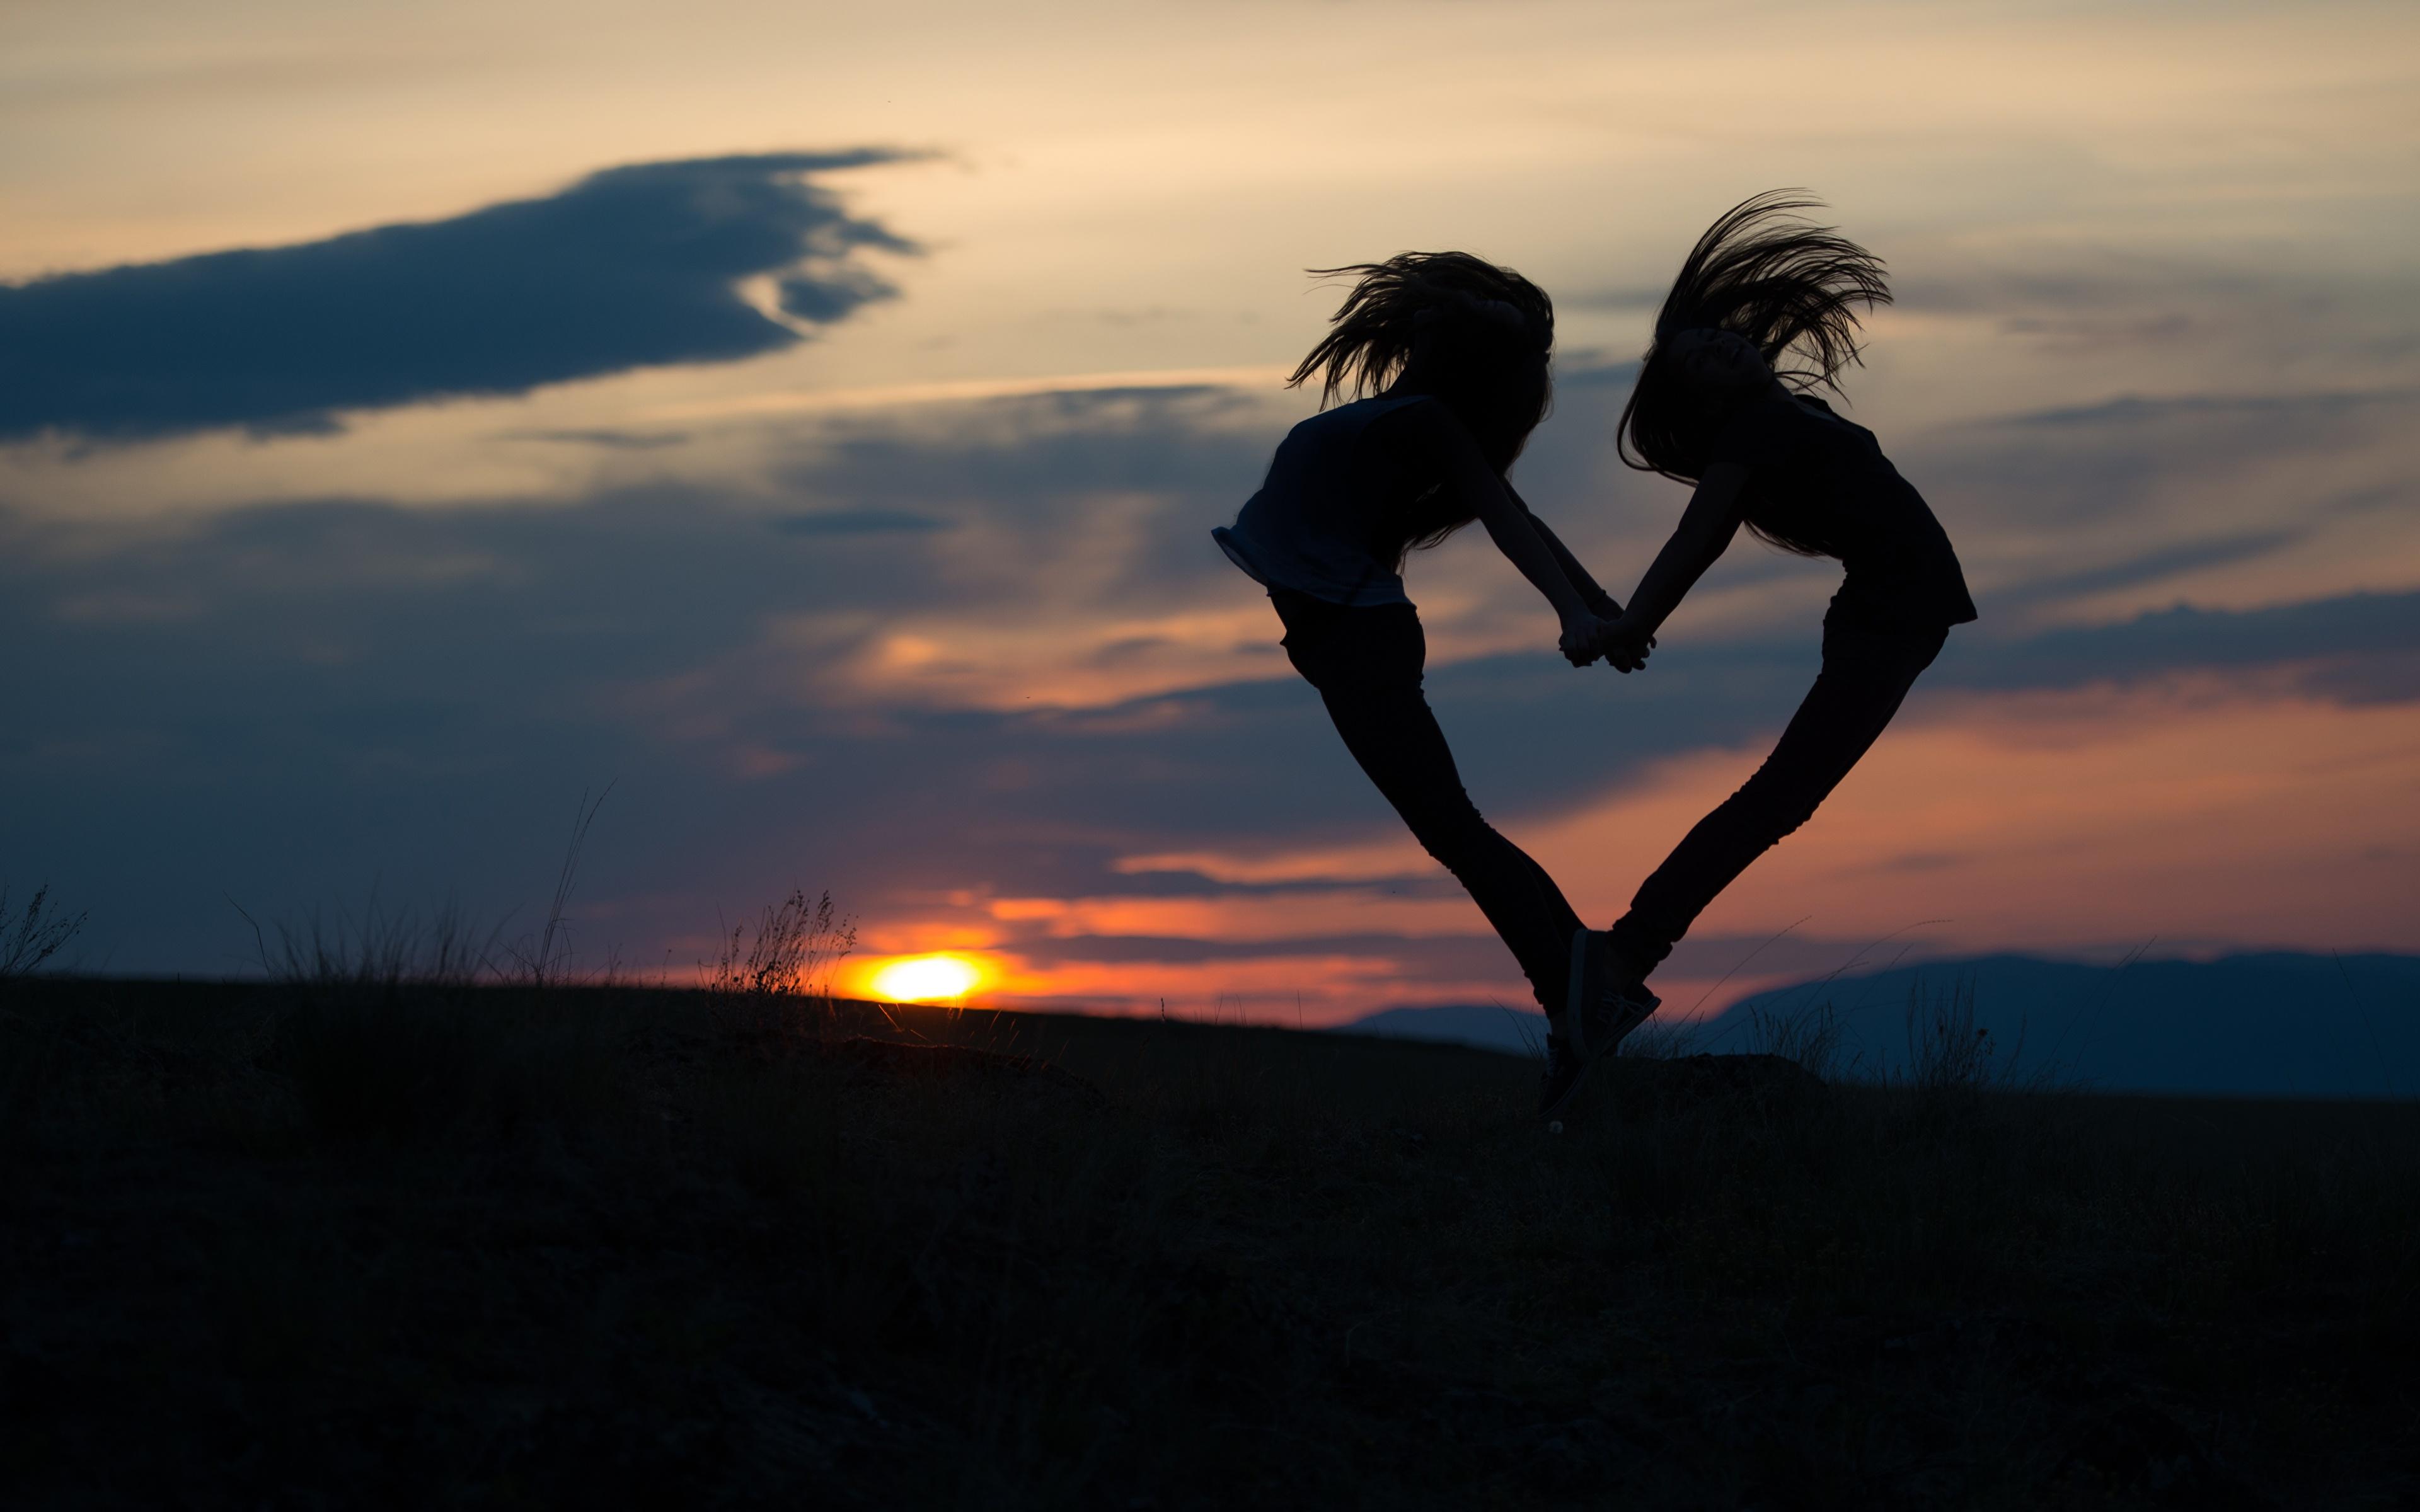 Фото сердечко Силуэт 2 Девушки Рассветы и закаты Вечер 3840x2400 Сердце Двое вдвоем